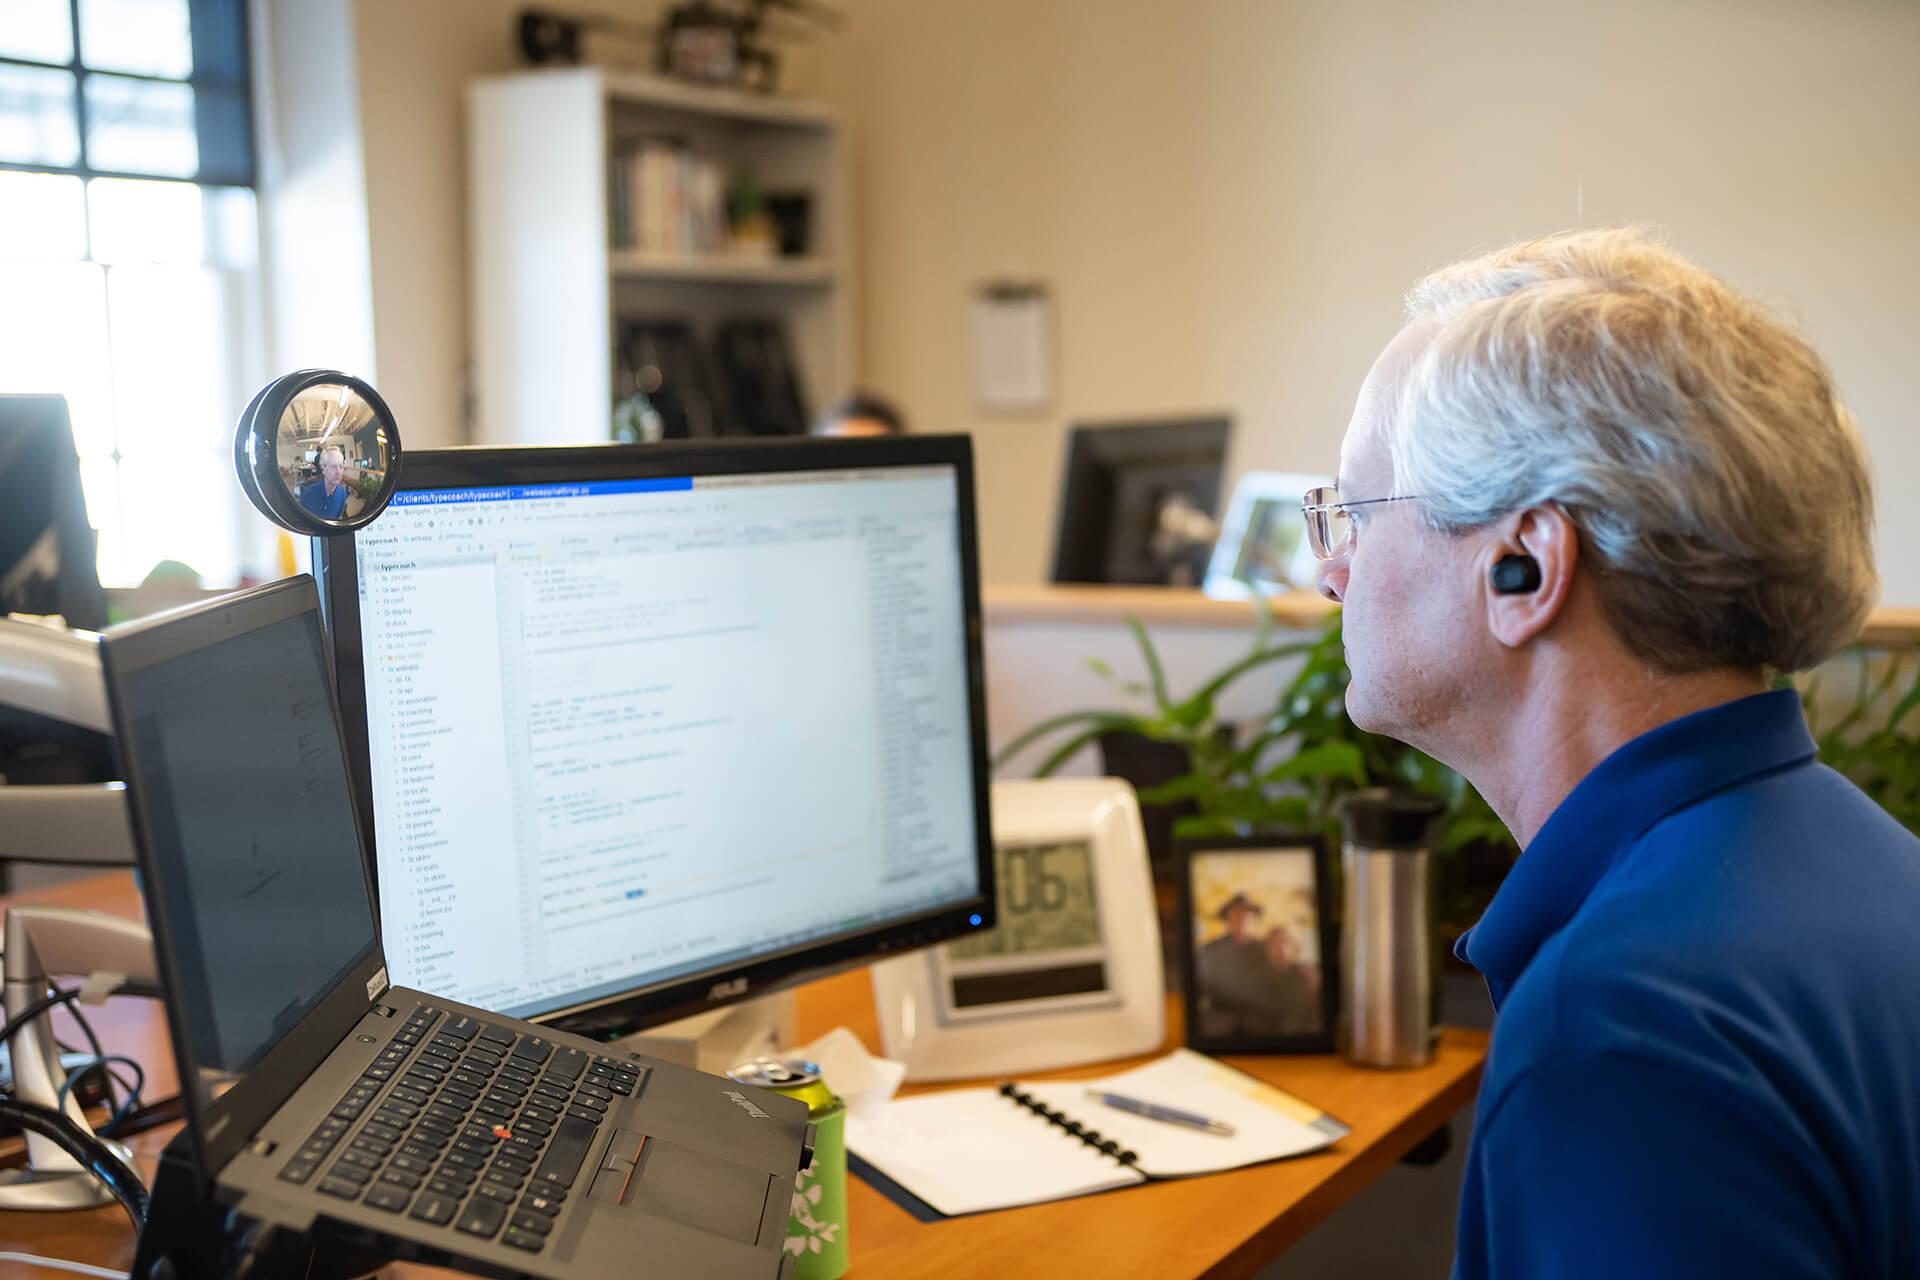 Developer working at desk